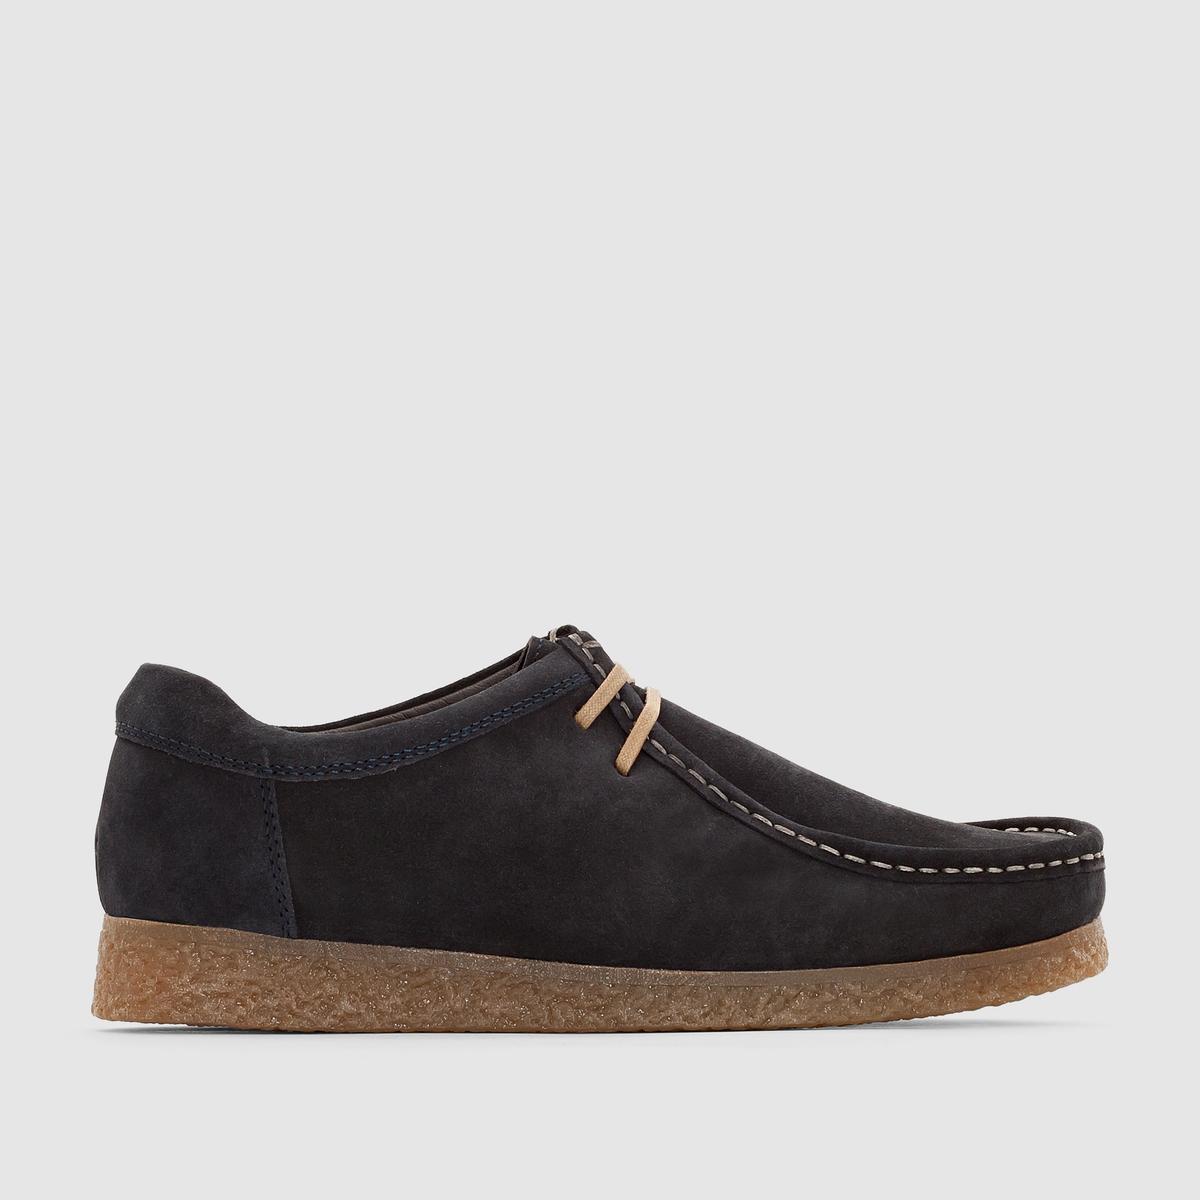 Ботинки-дерби кожаные BASE LONDON GENESISПреимущества : ботинки-дерби BASE LONDON в стиле мокасин на шнуровке. Очень элегантная и мягкая замша.<br><br>Цвет: серо-коричневый<br>Размер: 45.43